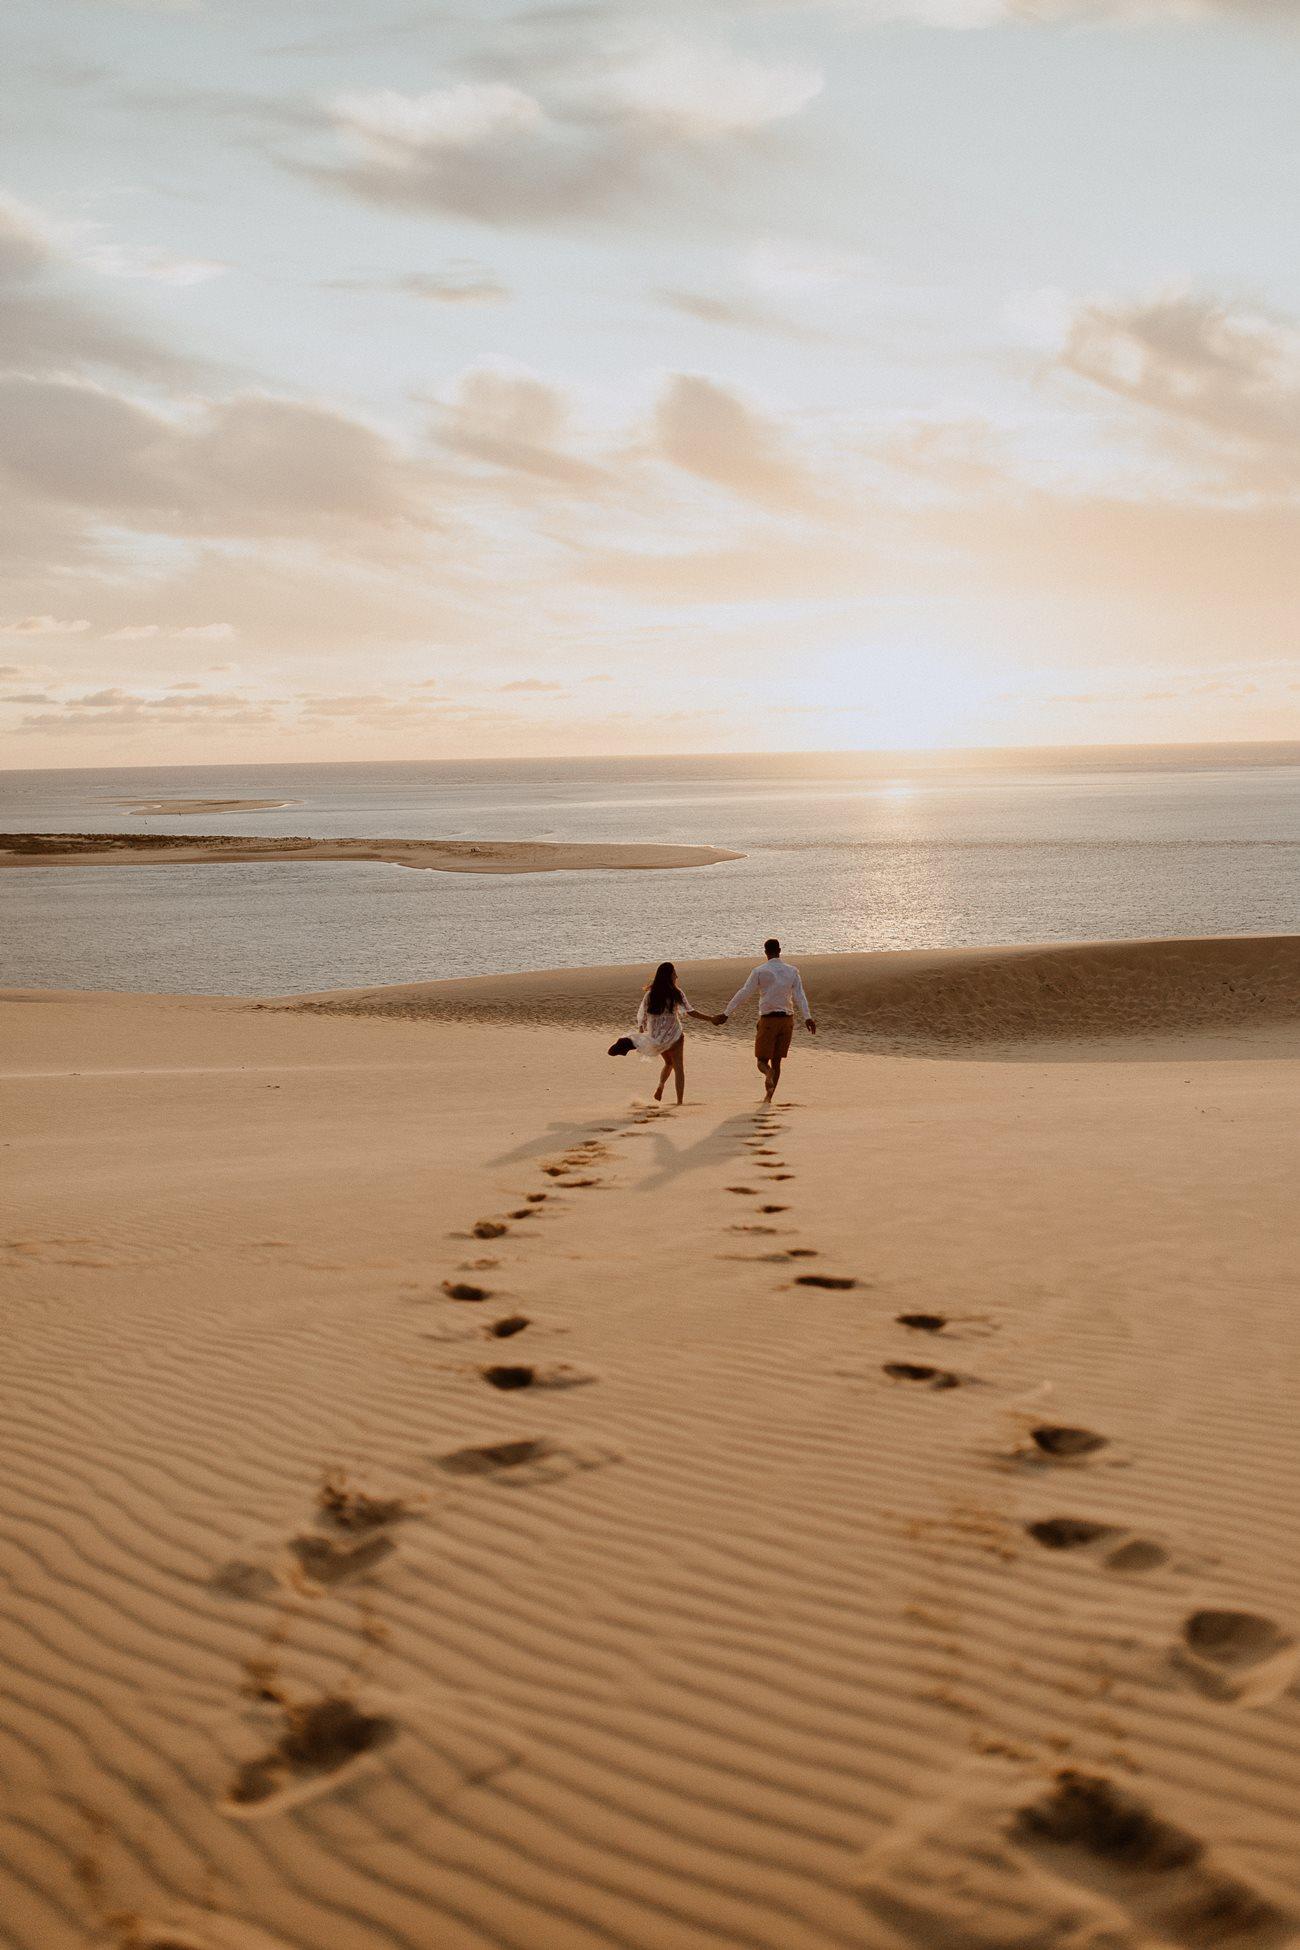 séance couple dune du Pilat mariés qui courent pieds nus dans le sable